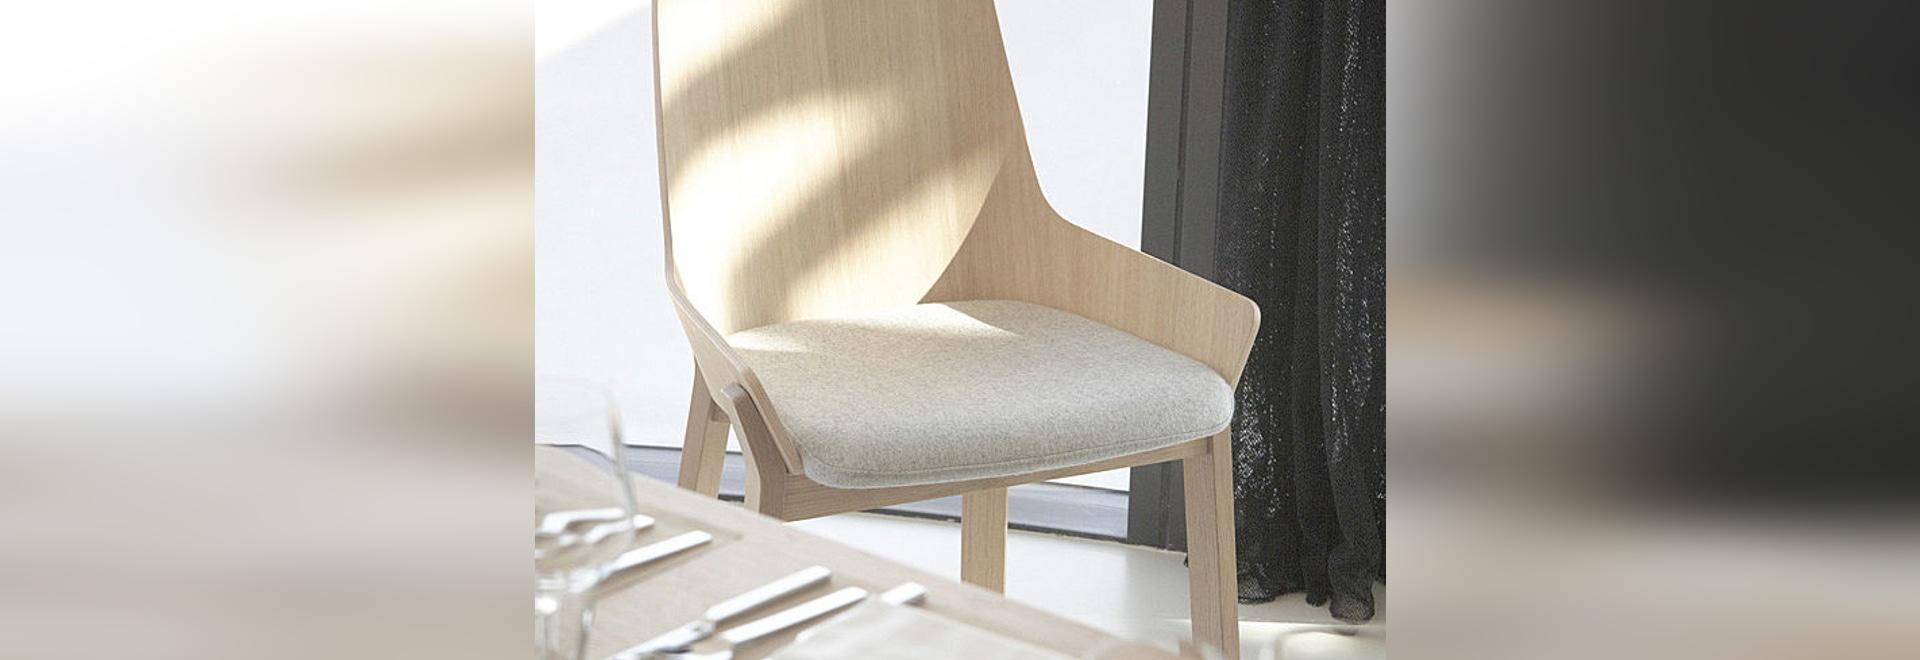 Koila Chair by Jean Louis Iratzoki